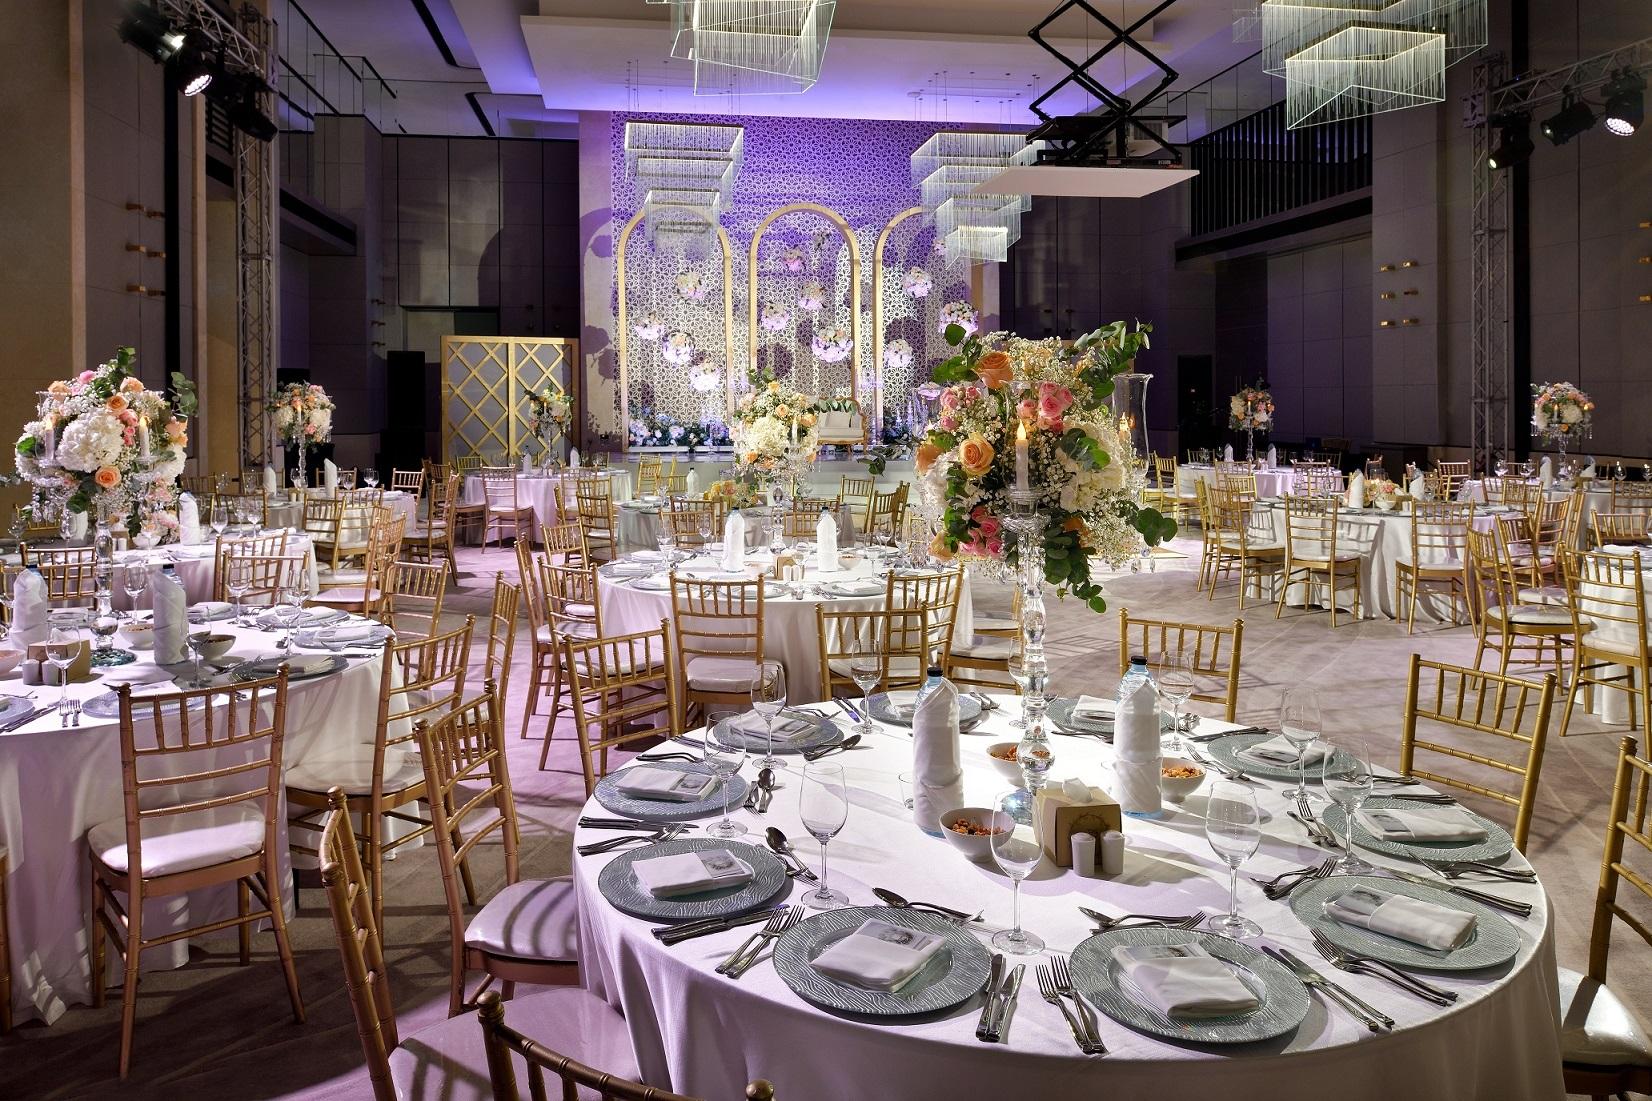 إعمار للضيافة تقدم عروض رائعة للمقبلين على الزواج في دبي